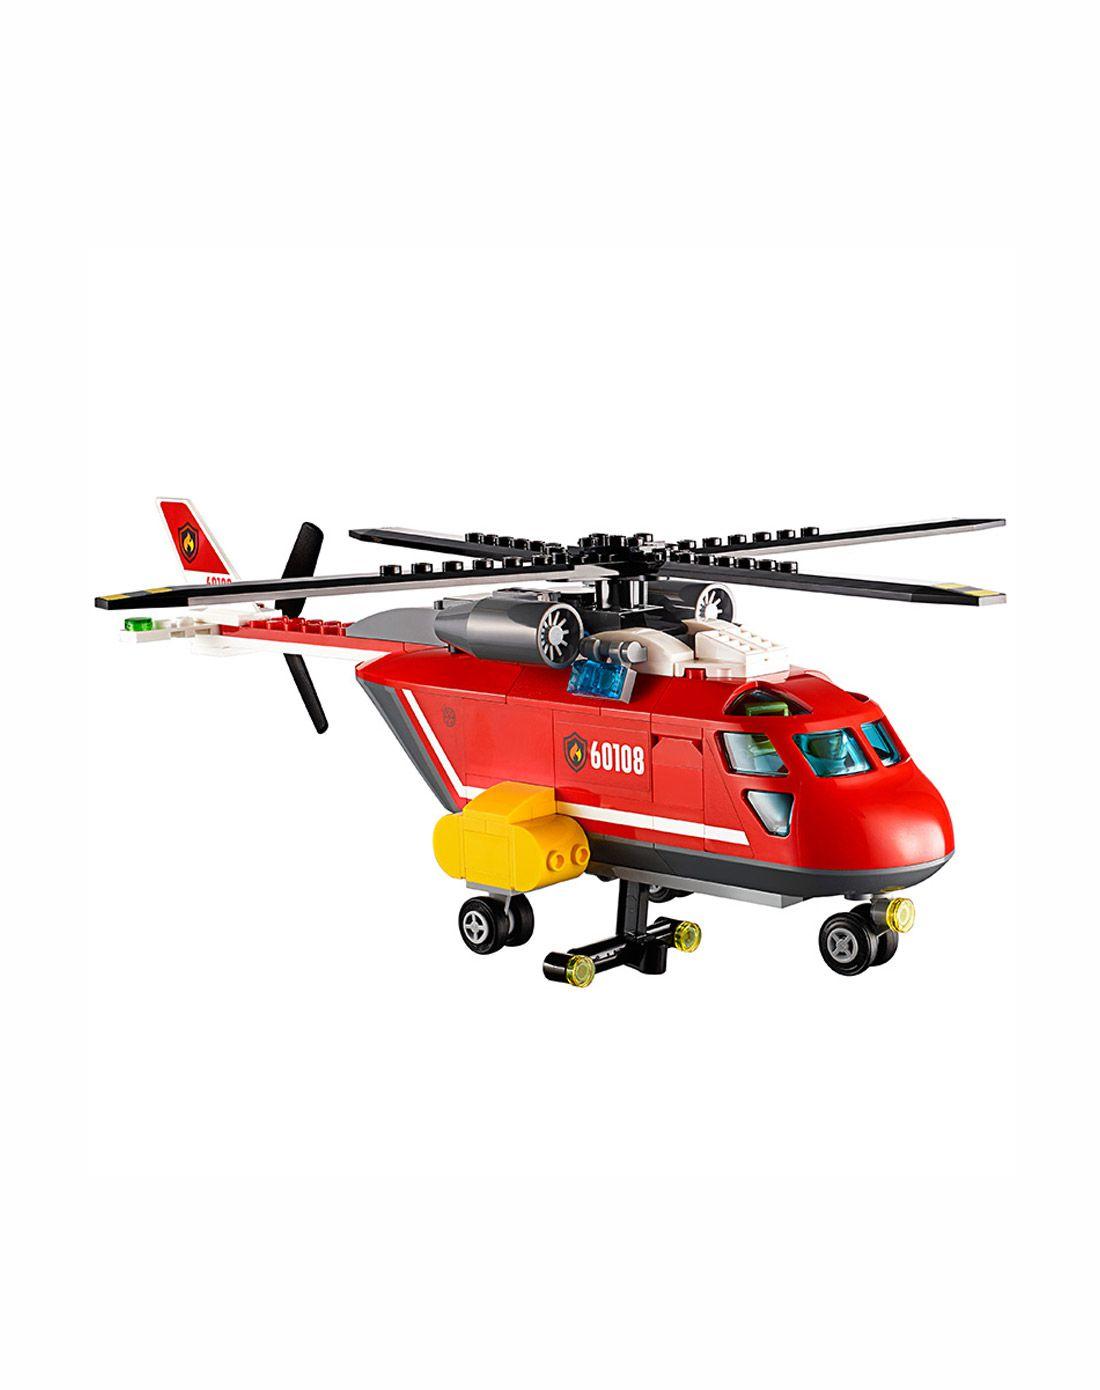 乐高&kidsland积木拼插玩具专场乐高消防直升机组合